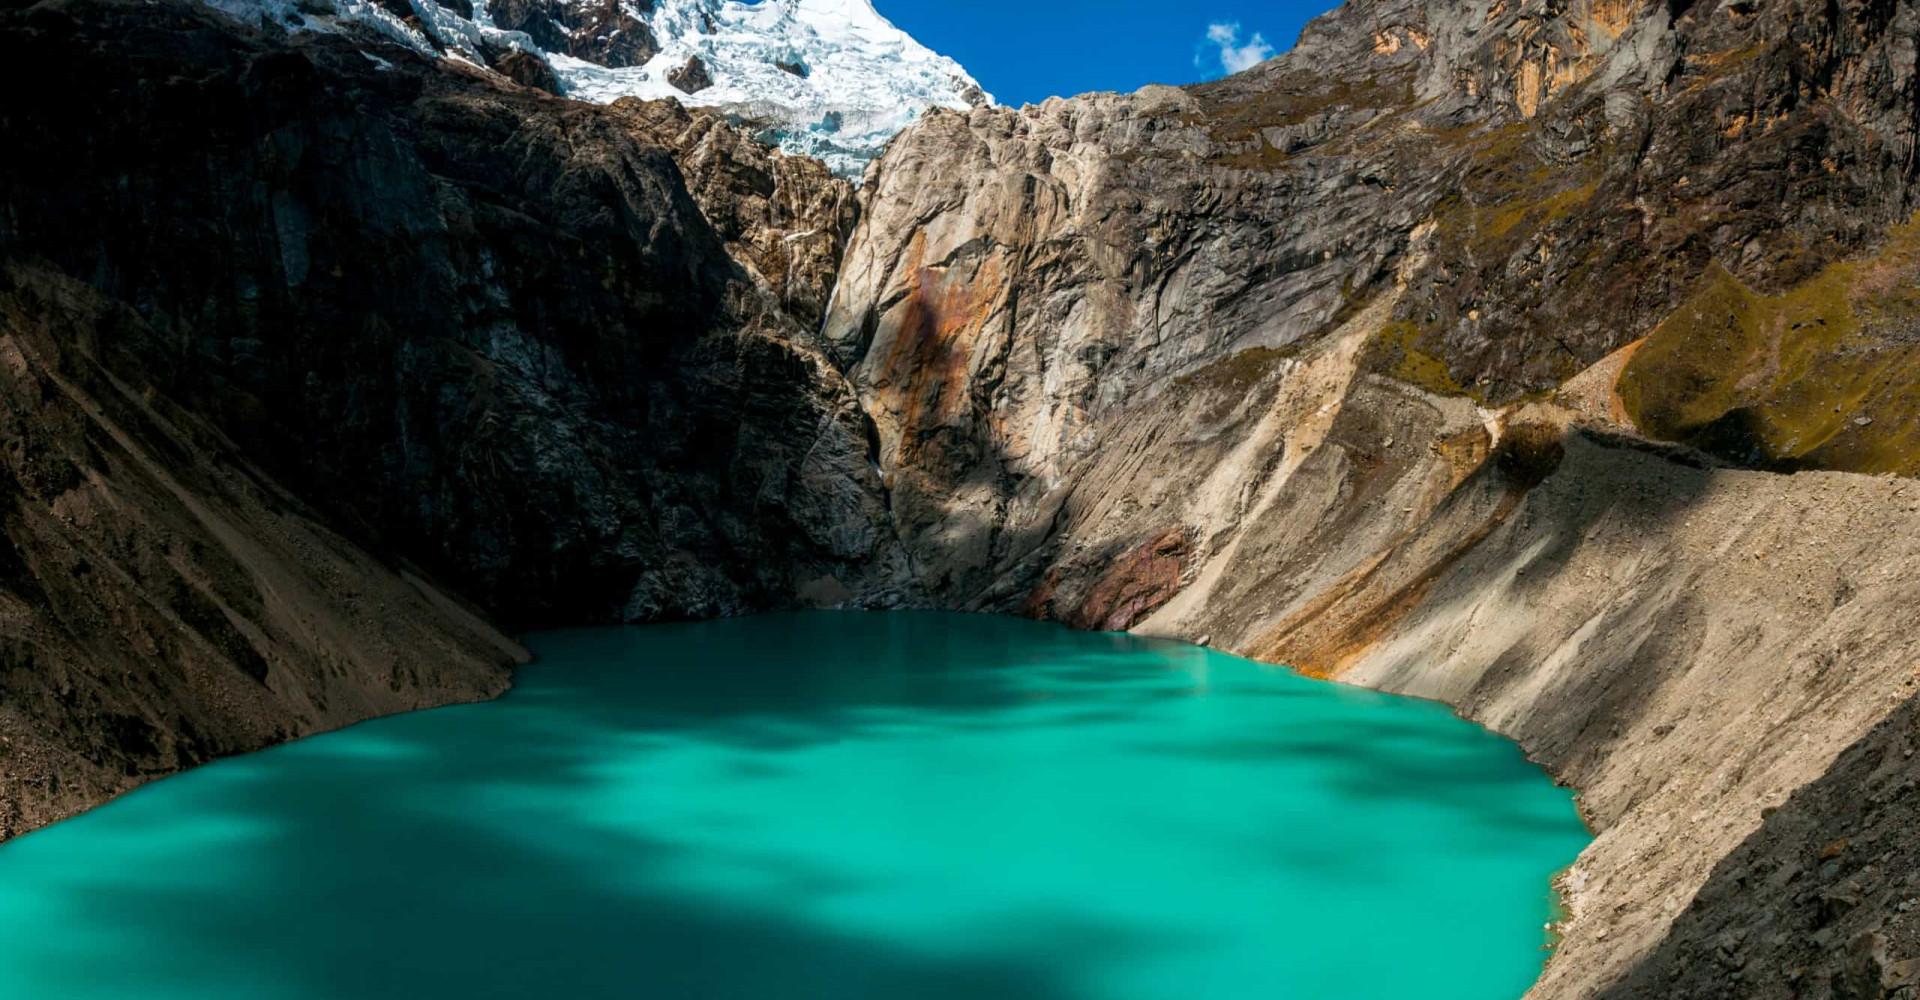 Amérique du Sud: admirez ses incroyables sites inscrits à l'UNESCO